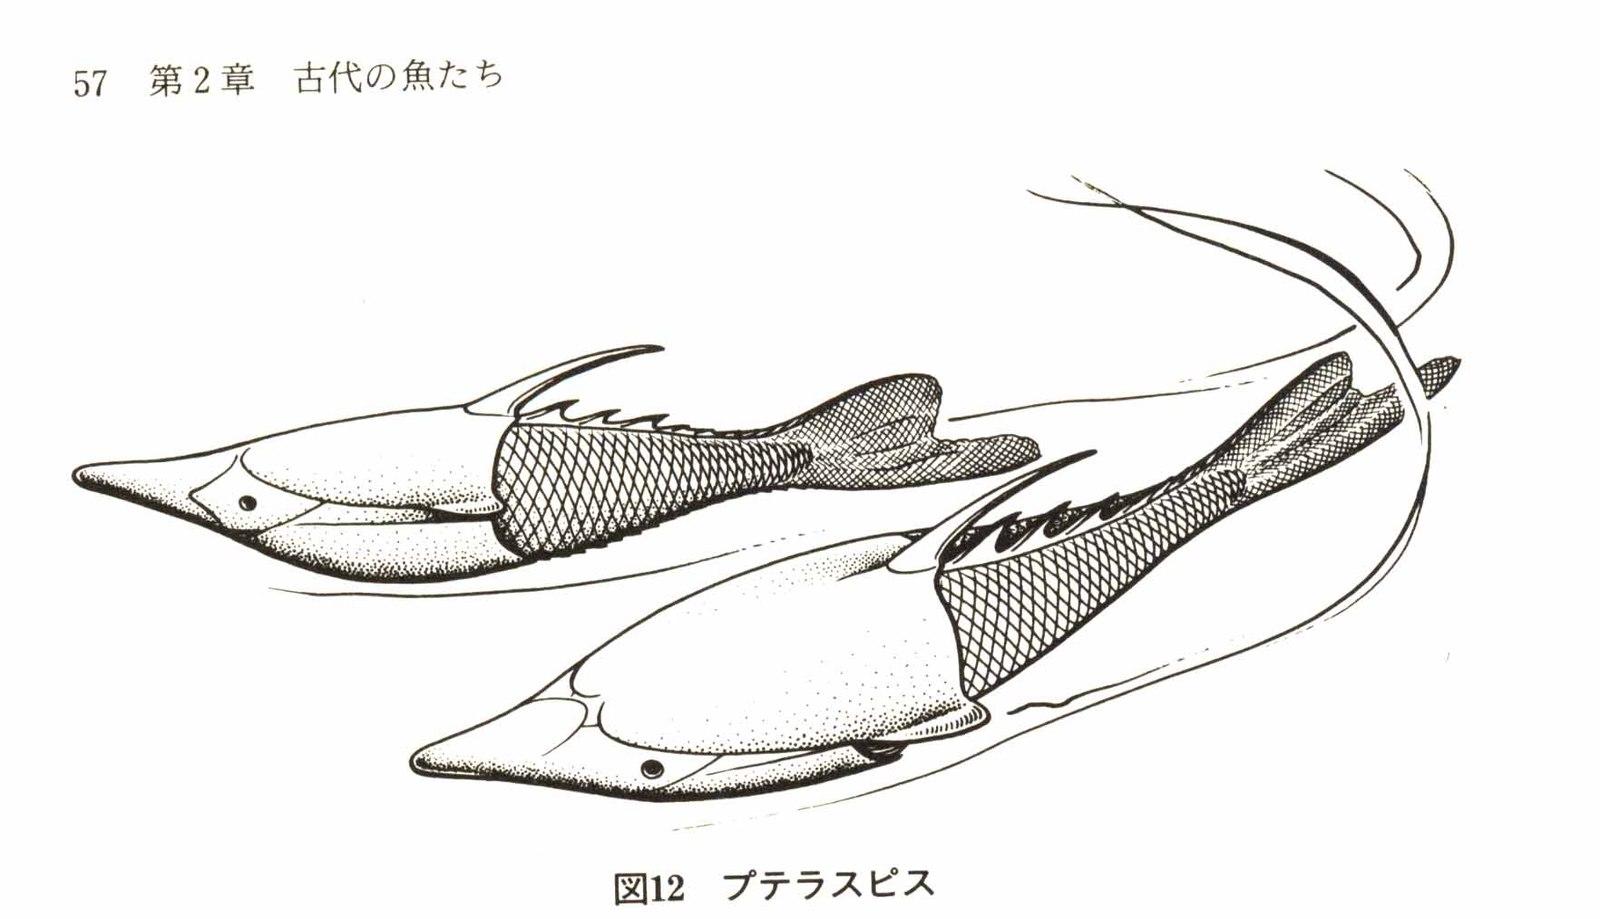 魚の系統進化その3: 魚の絵とイ...